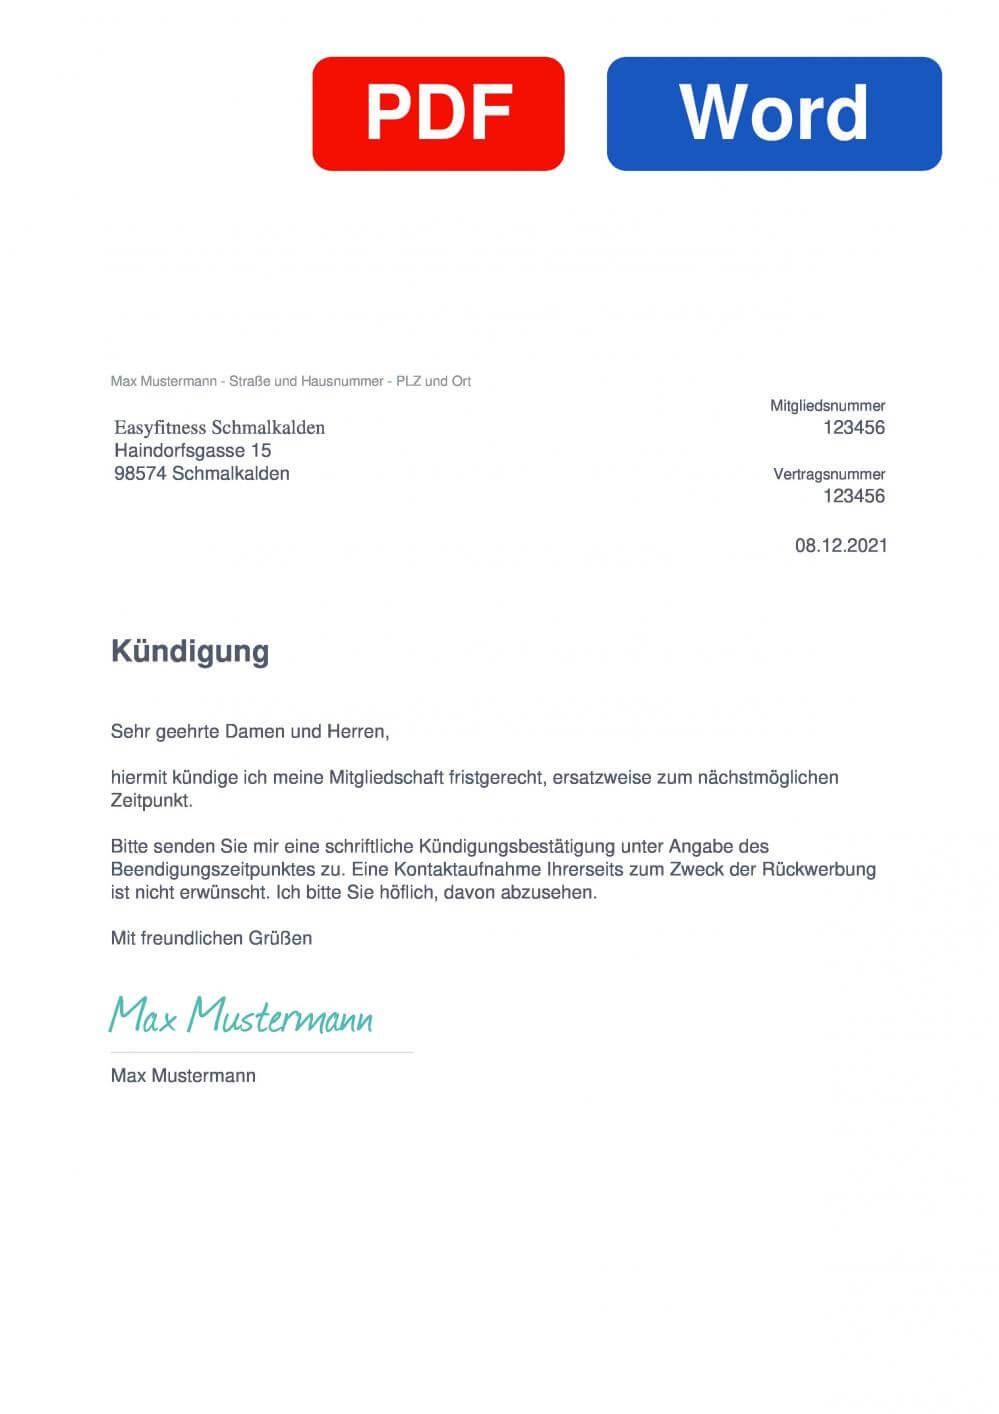 EASYFITNESS Schmalkalden Muster Vorlage für Kündigungsschreiben